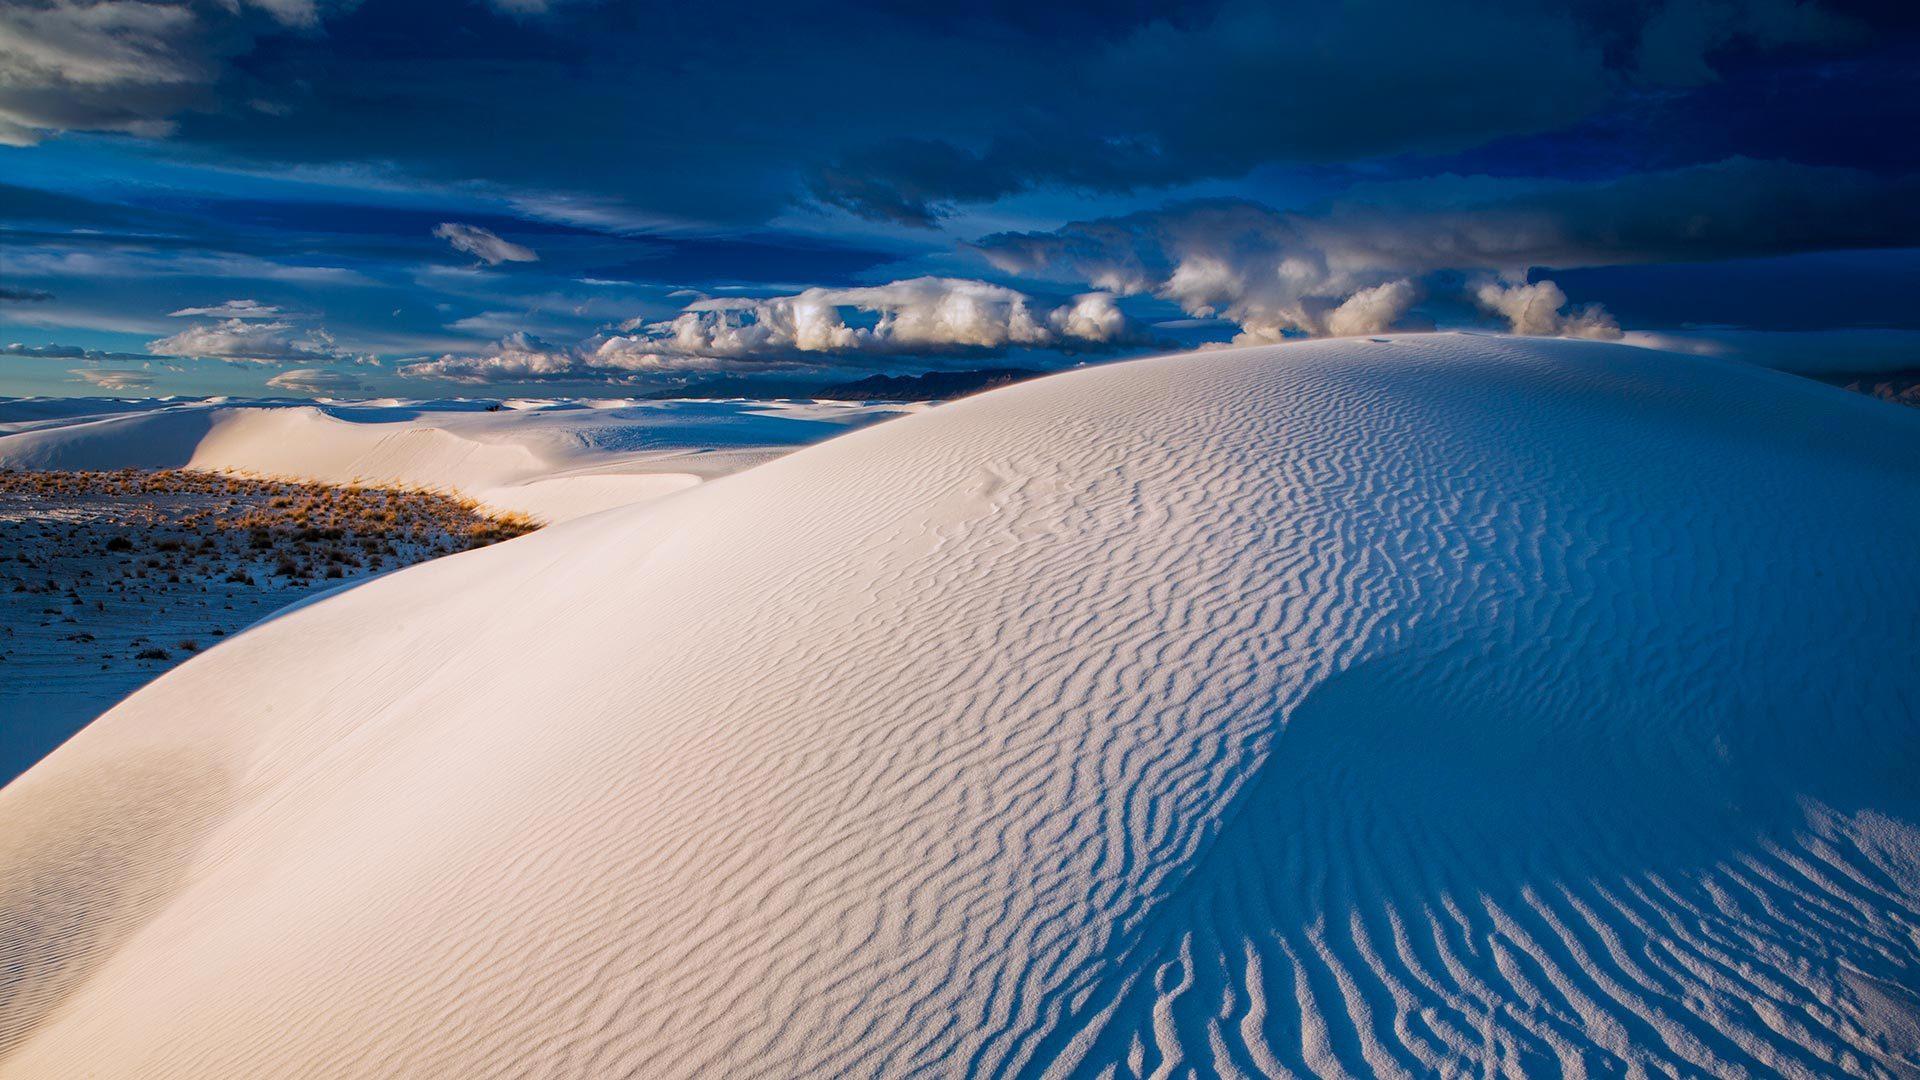 白沙国家公园中的石膏沙丘石膏沙丘